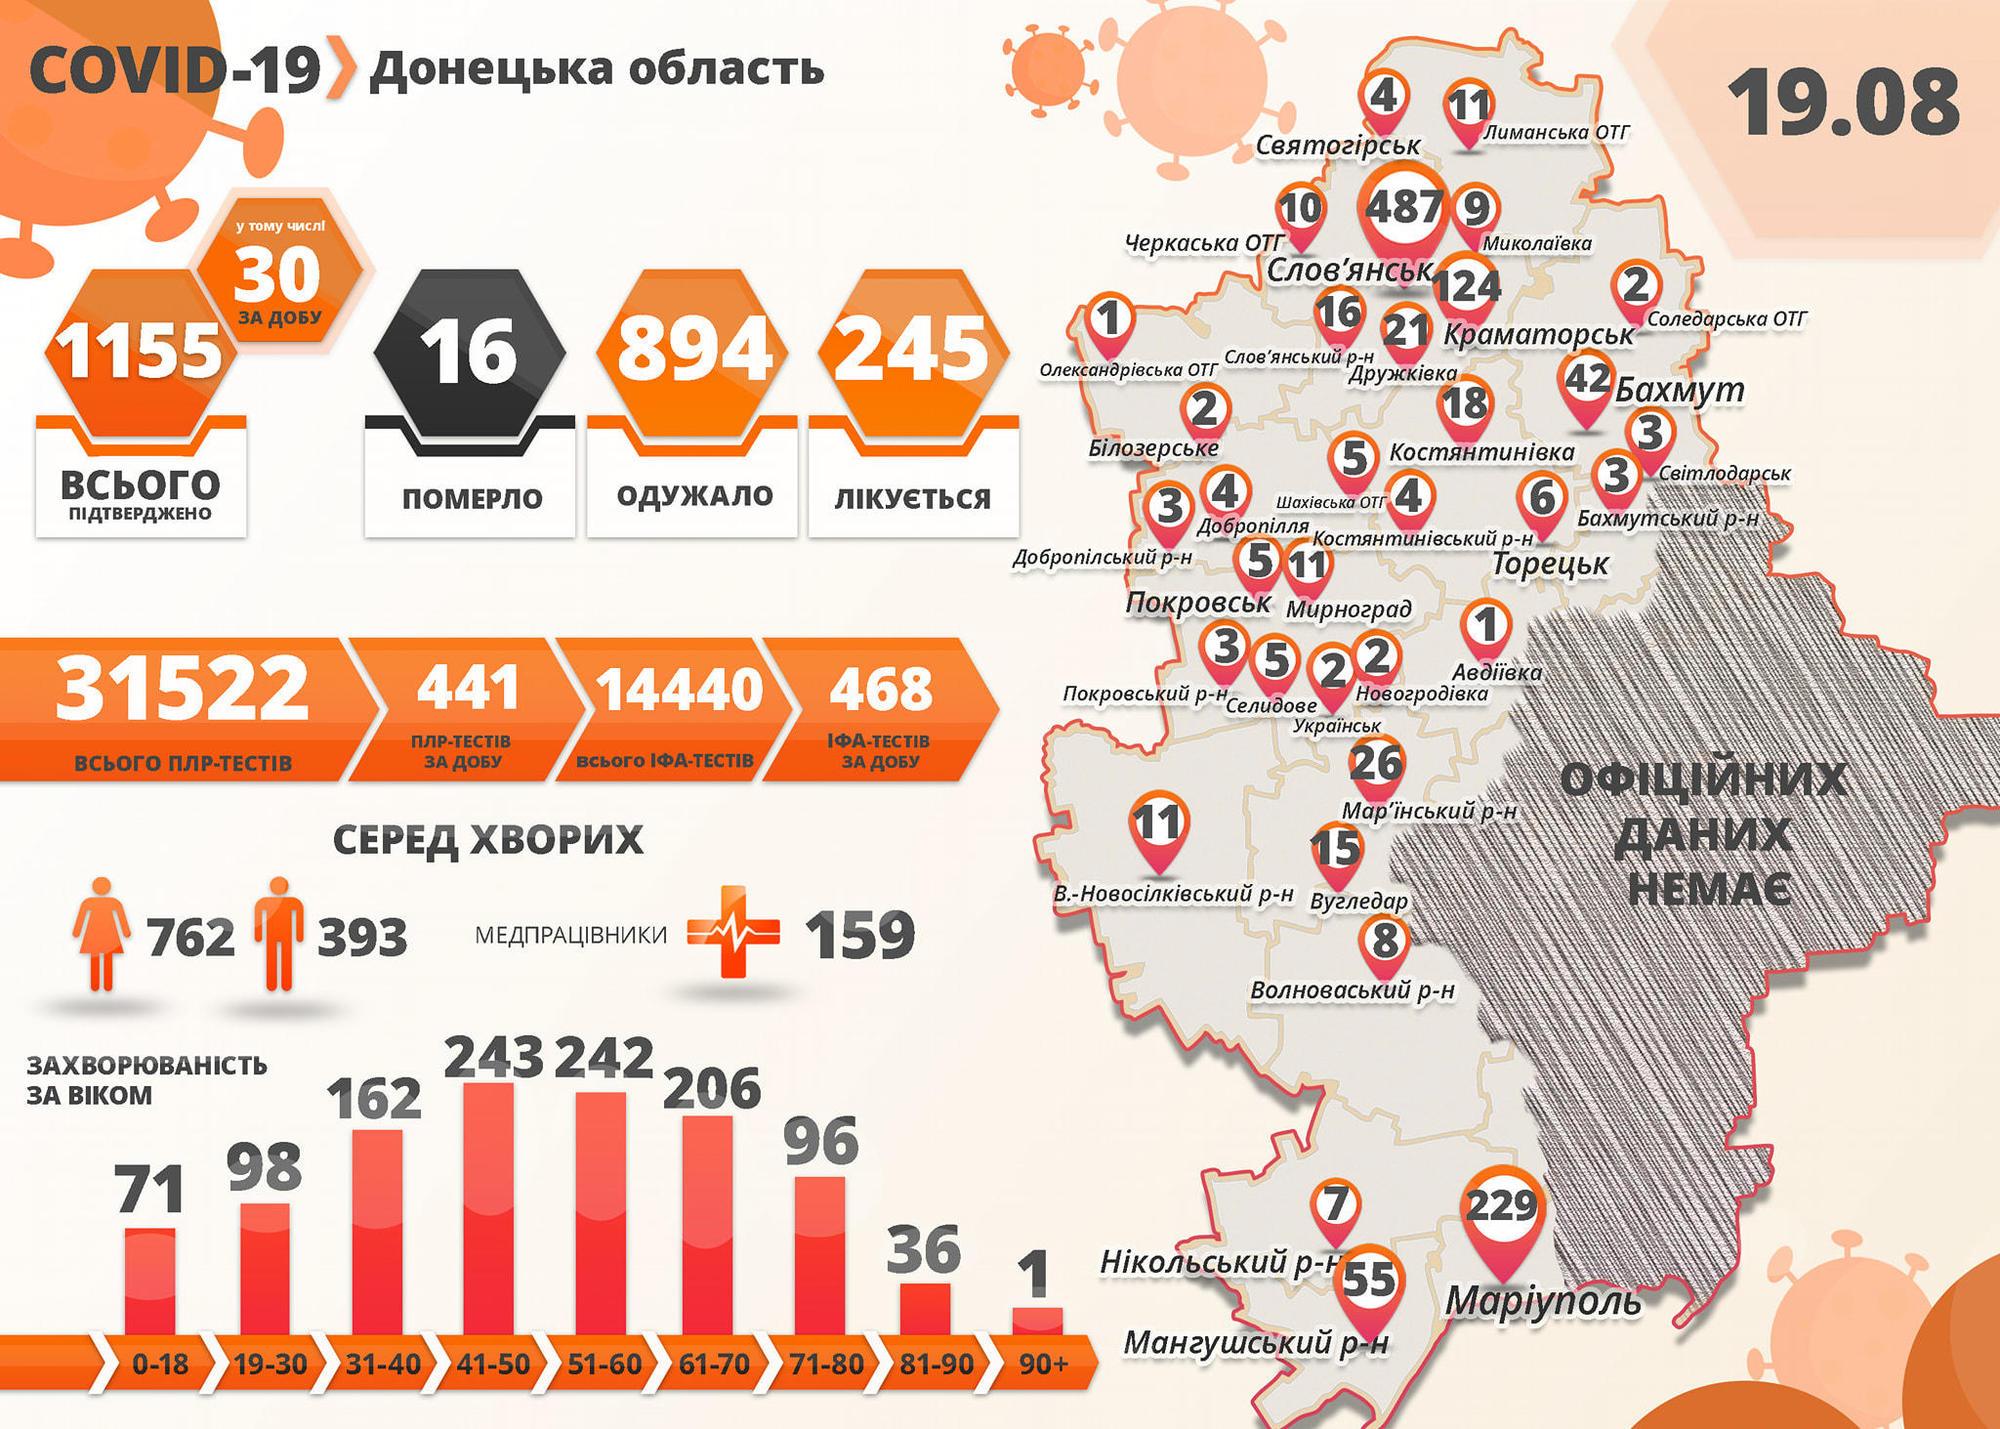 коронавирус Донецкая область инфографика количество больных